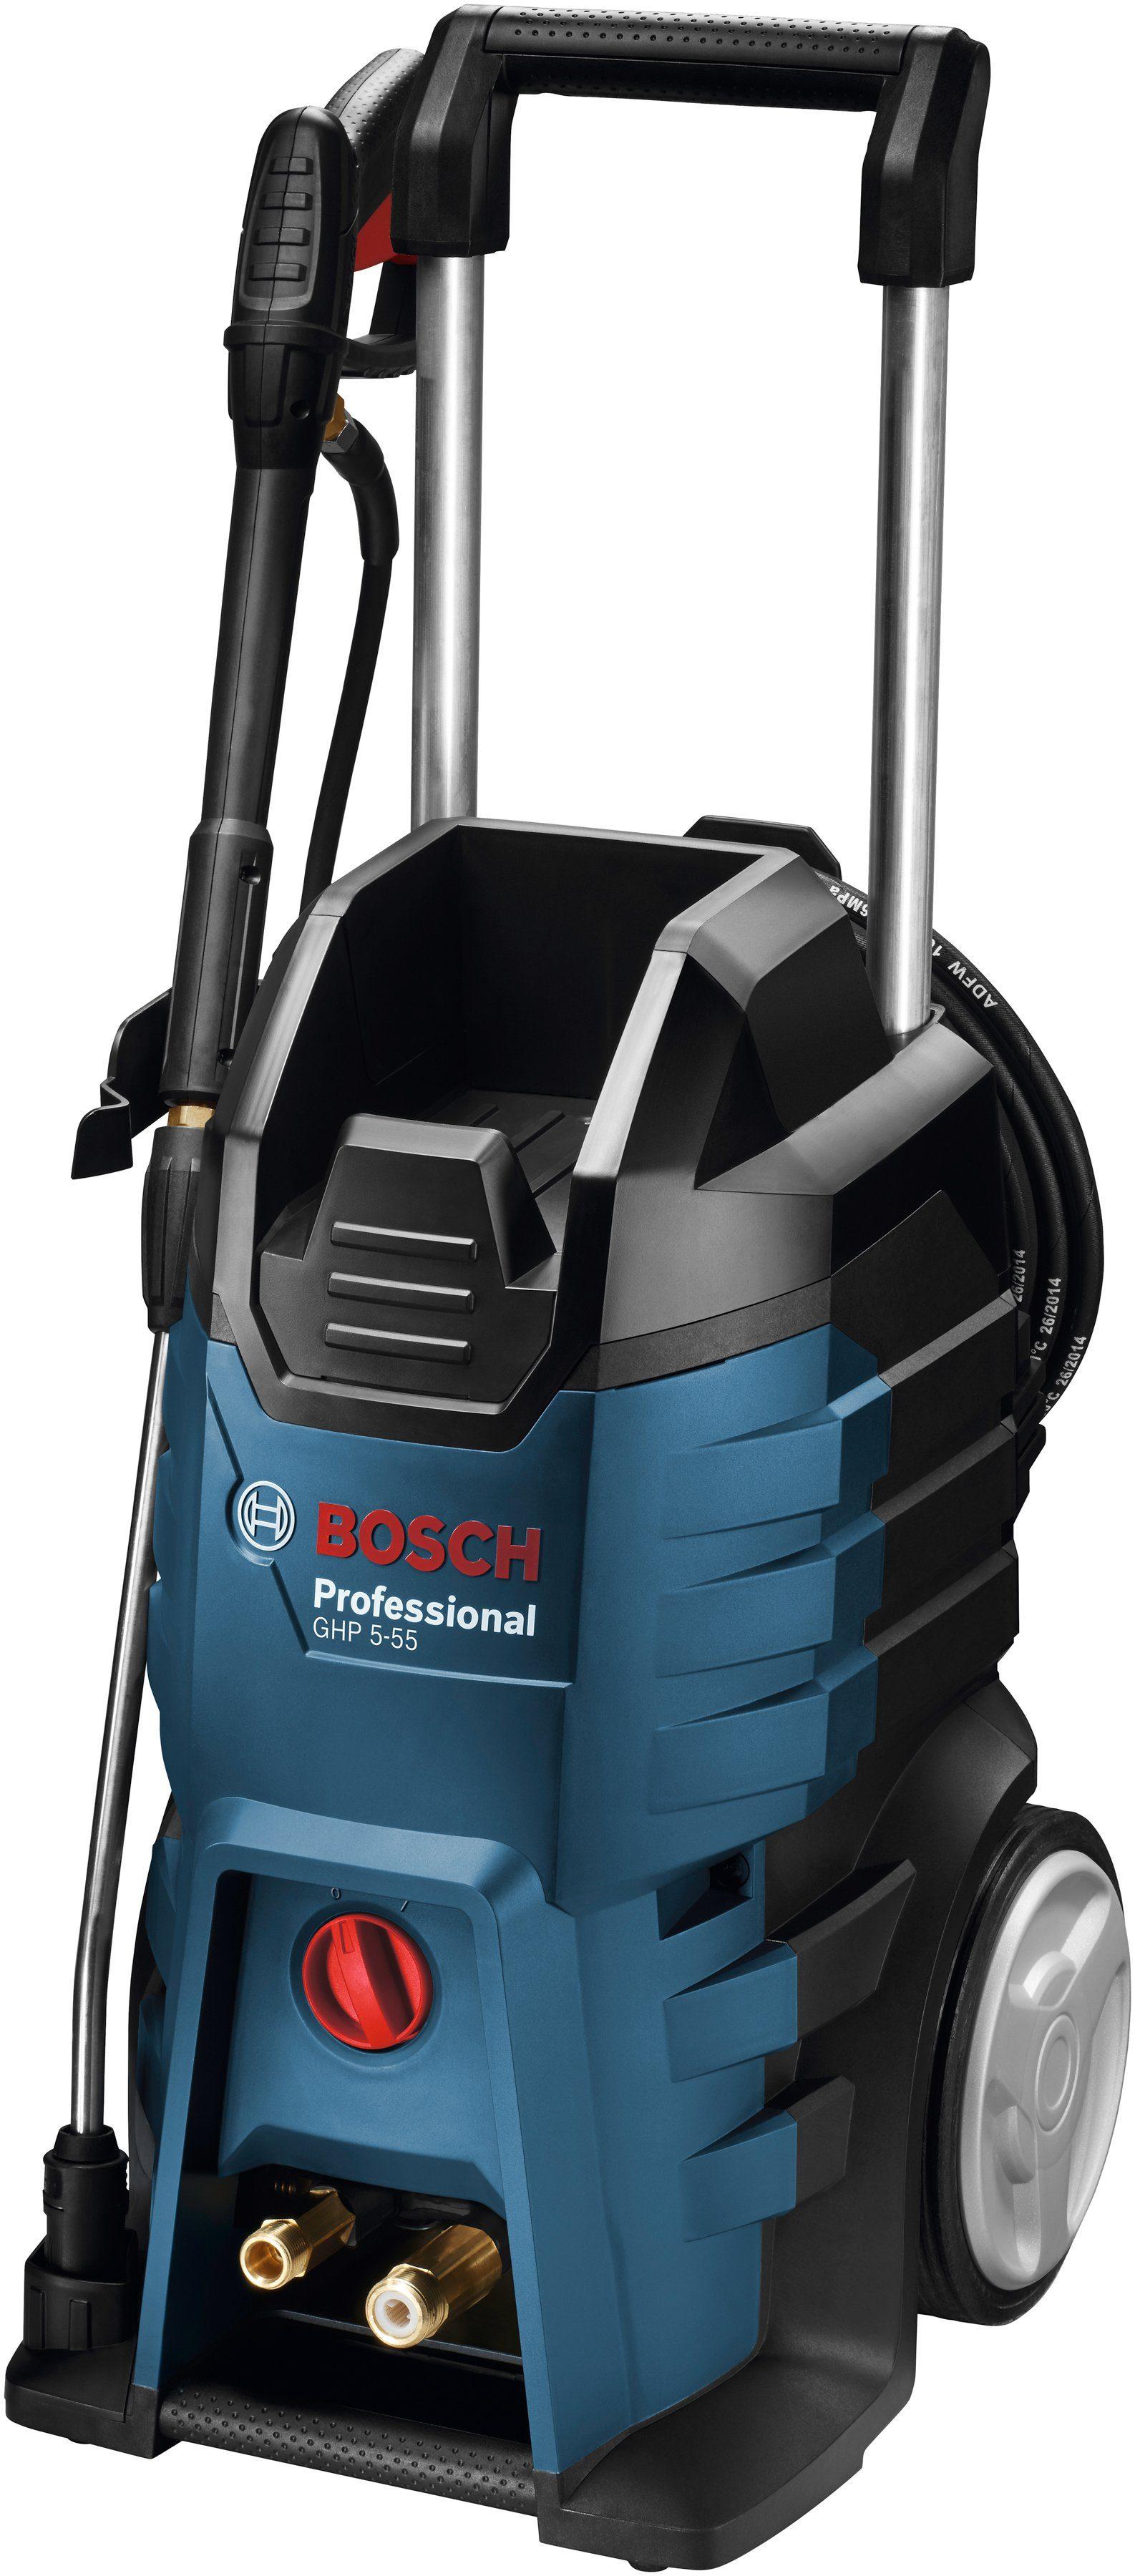 BOSCH PROFESSIONAL Hochdruckreiniger »HDR GHP 5-55 Professional«